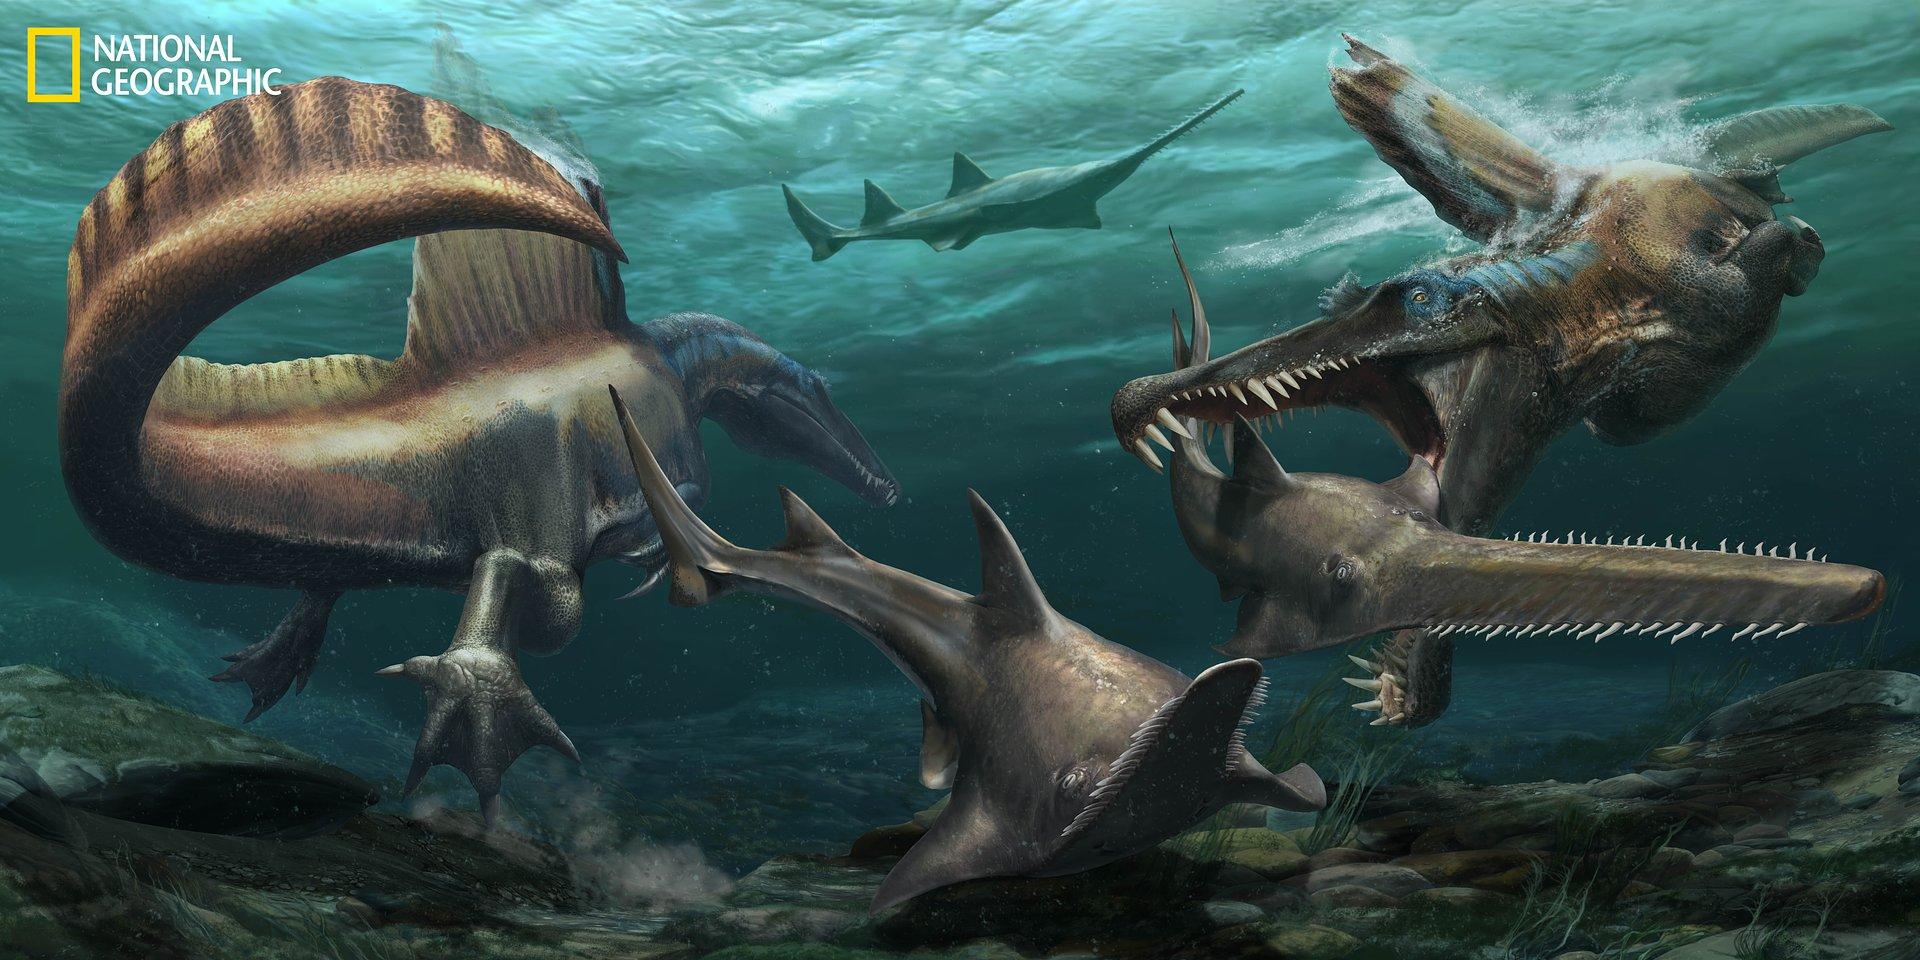 Przełomowe odkrycie nowej skamieliny rewolucjonizuje teorię ewolucji dinozaurów!